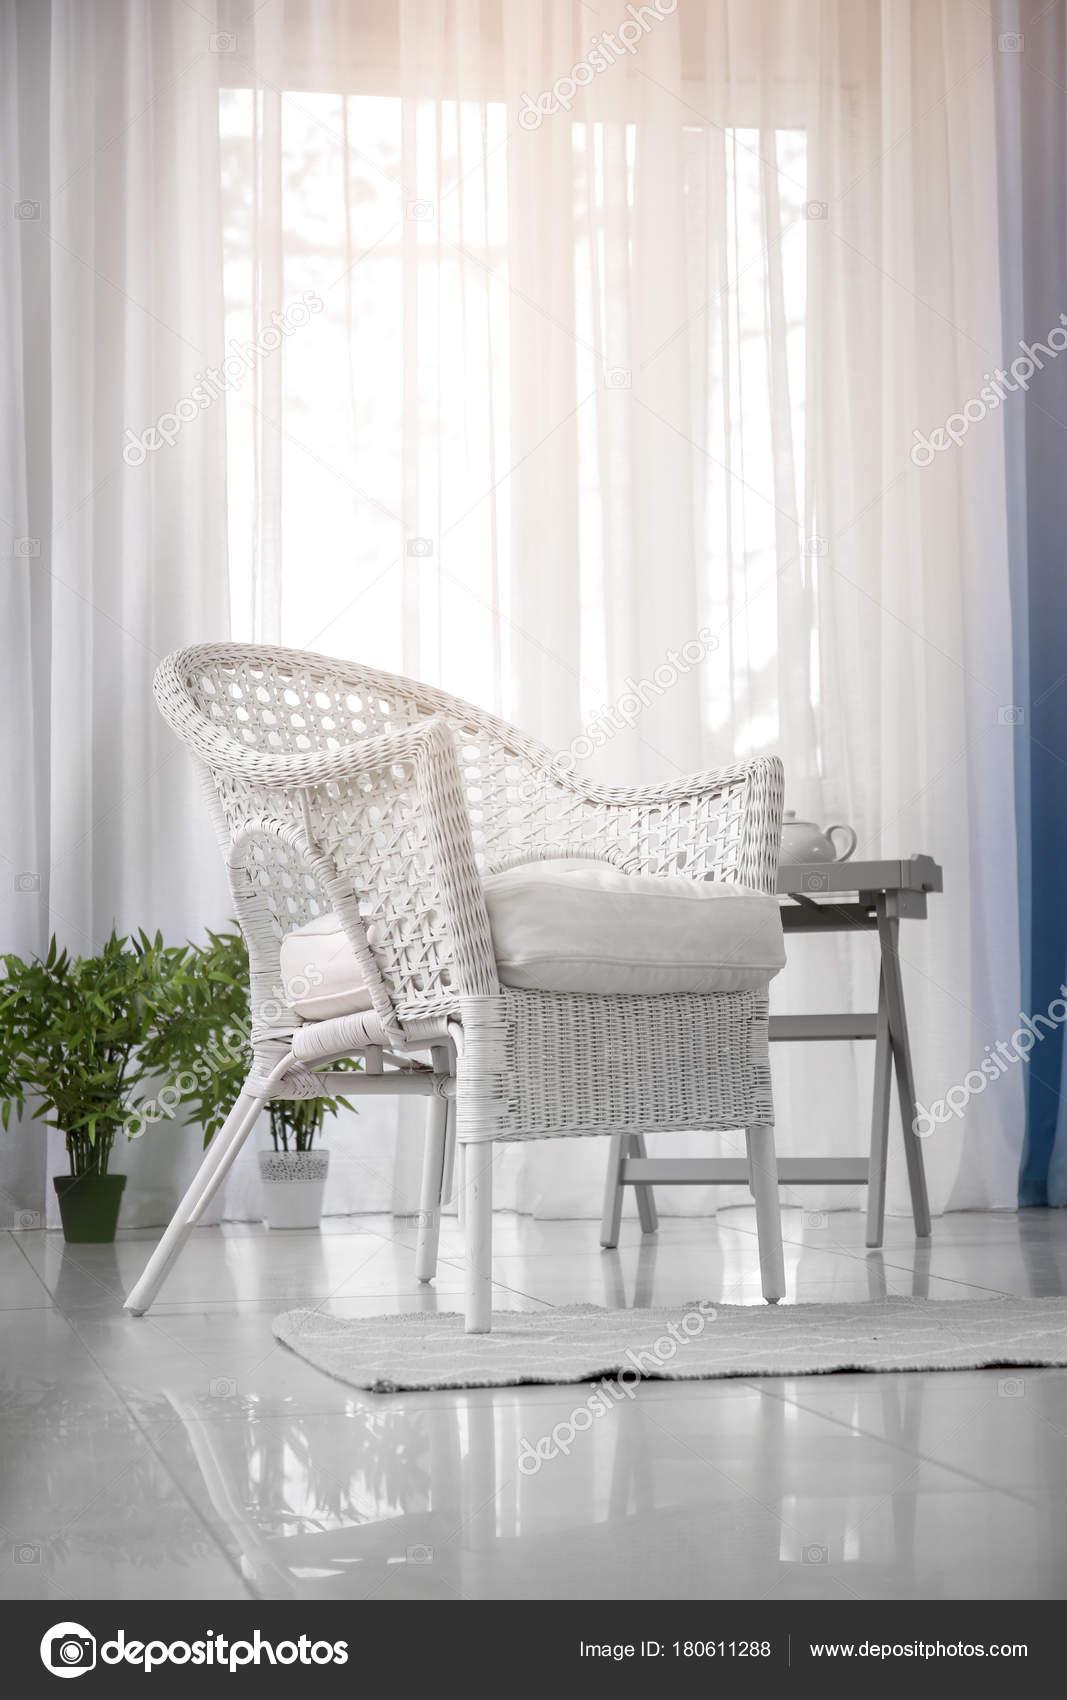 Poltrone Di Vimini Da Interno.Elegante Salone Interno Con Poltrona Vimini Confortevole